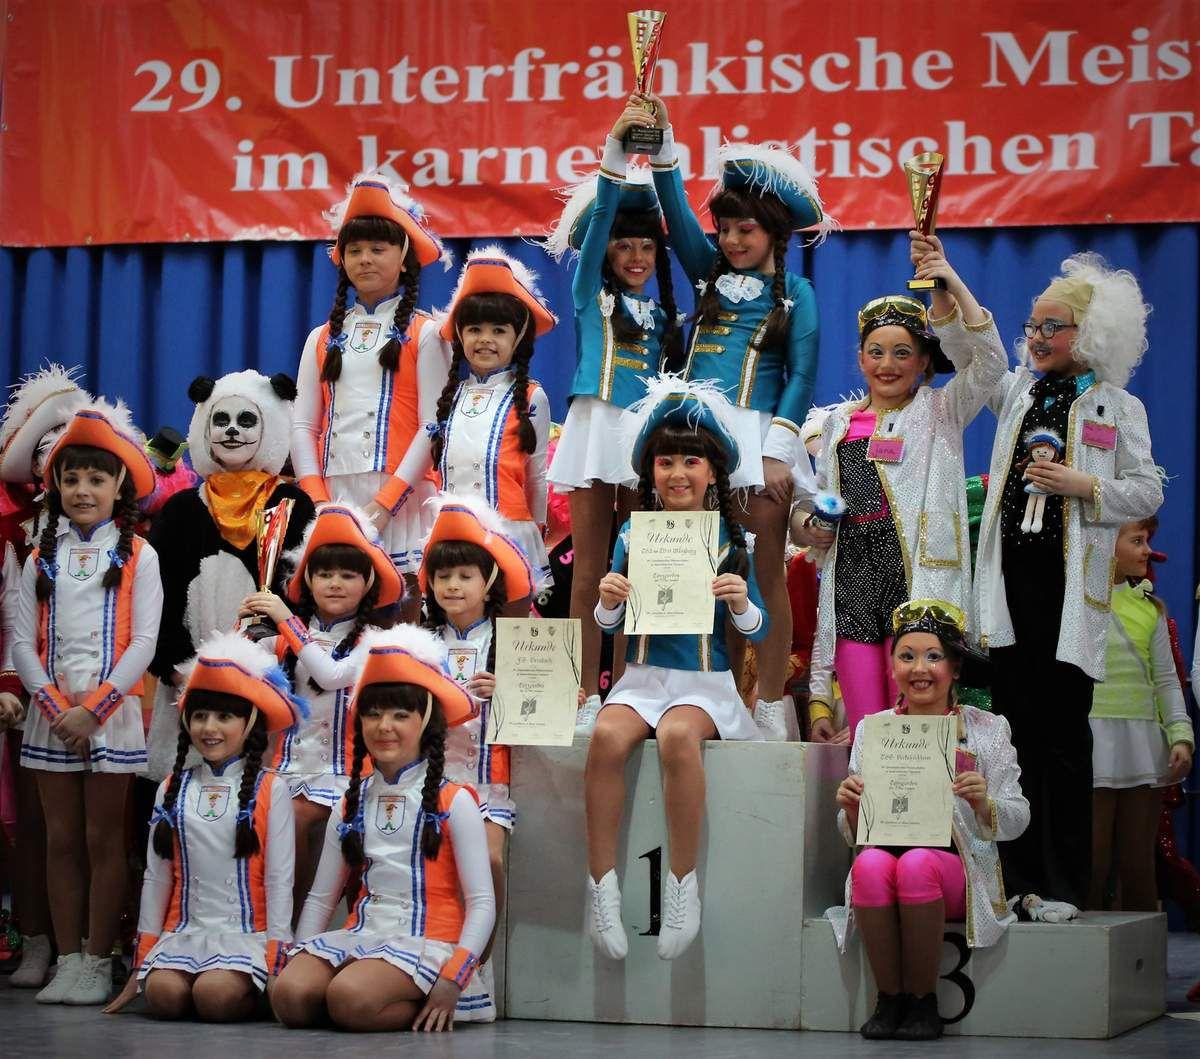 Unterfrankens beste Jugendgarden: 1. TV 73 Würzburg – 423 P. , 2. FG Versbach – 386 P., 3. TSG Veitshöchheim – 380 P.